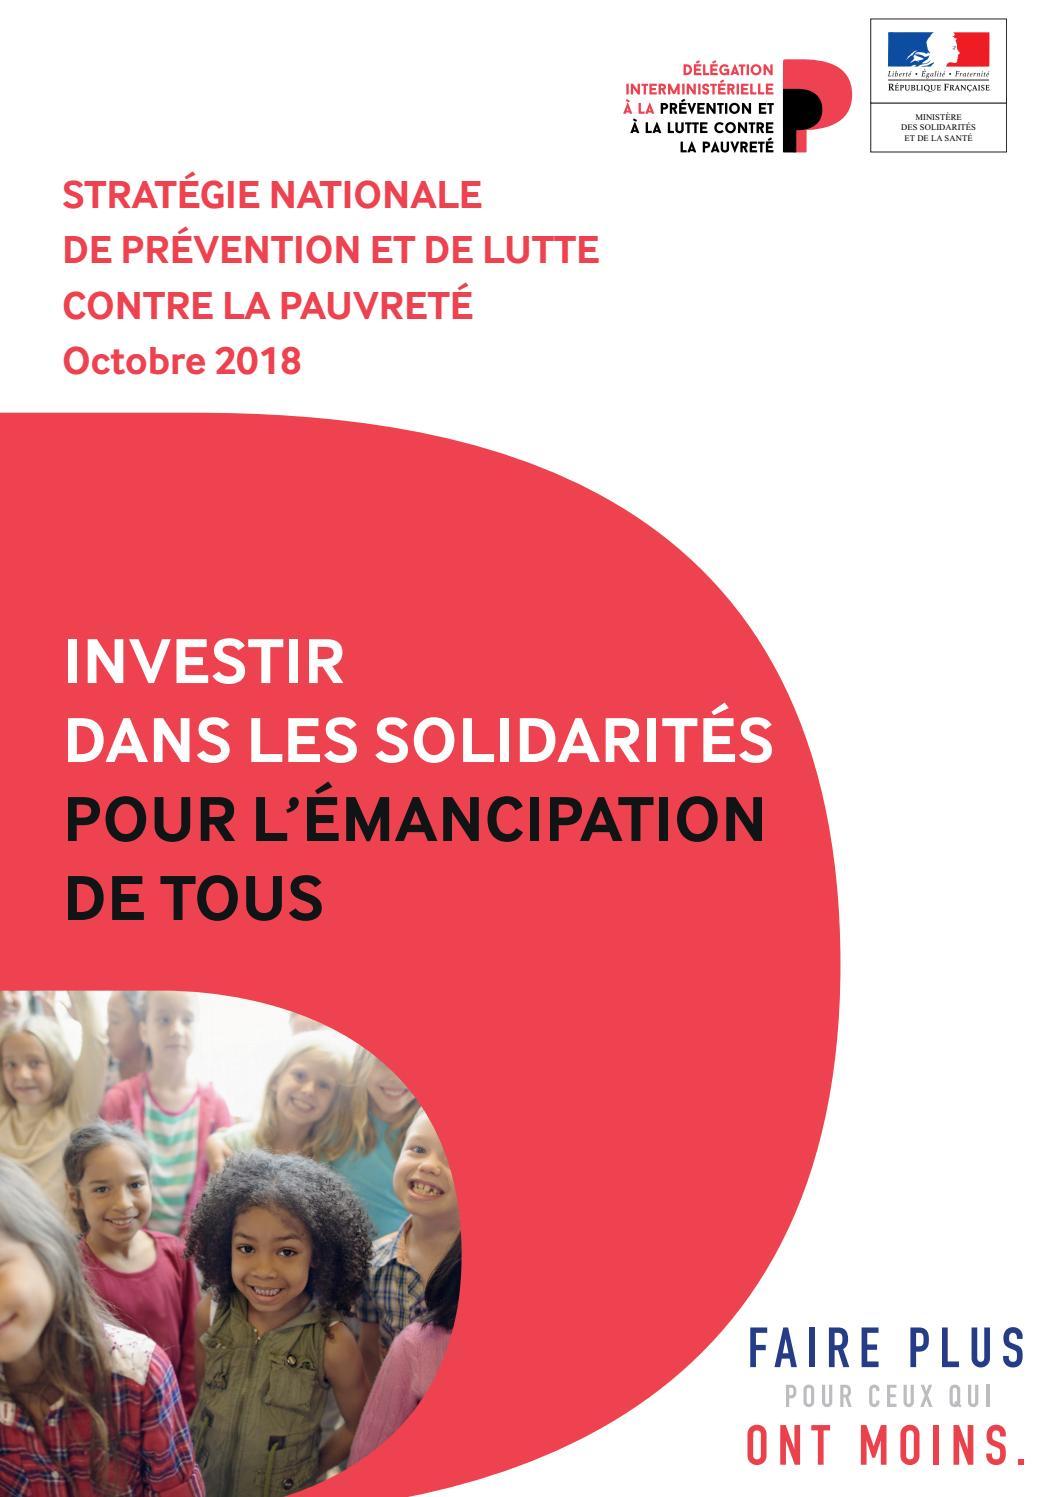 9b124139365aa2 Stratégie nationale de prévention et de lutte contre la pauvreté by  Ministères sociaux - issuu